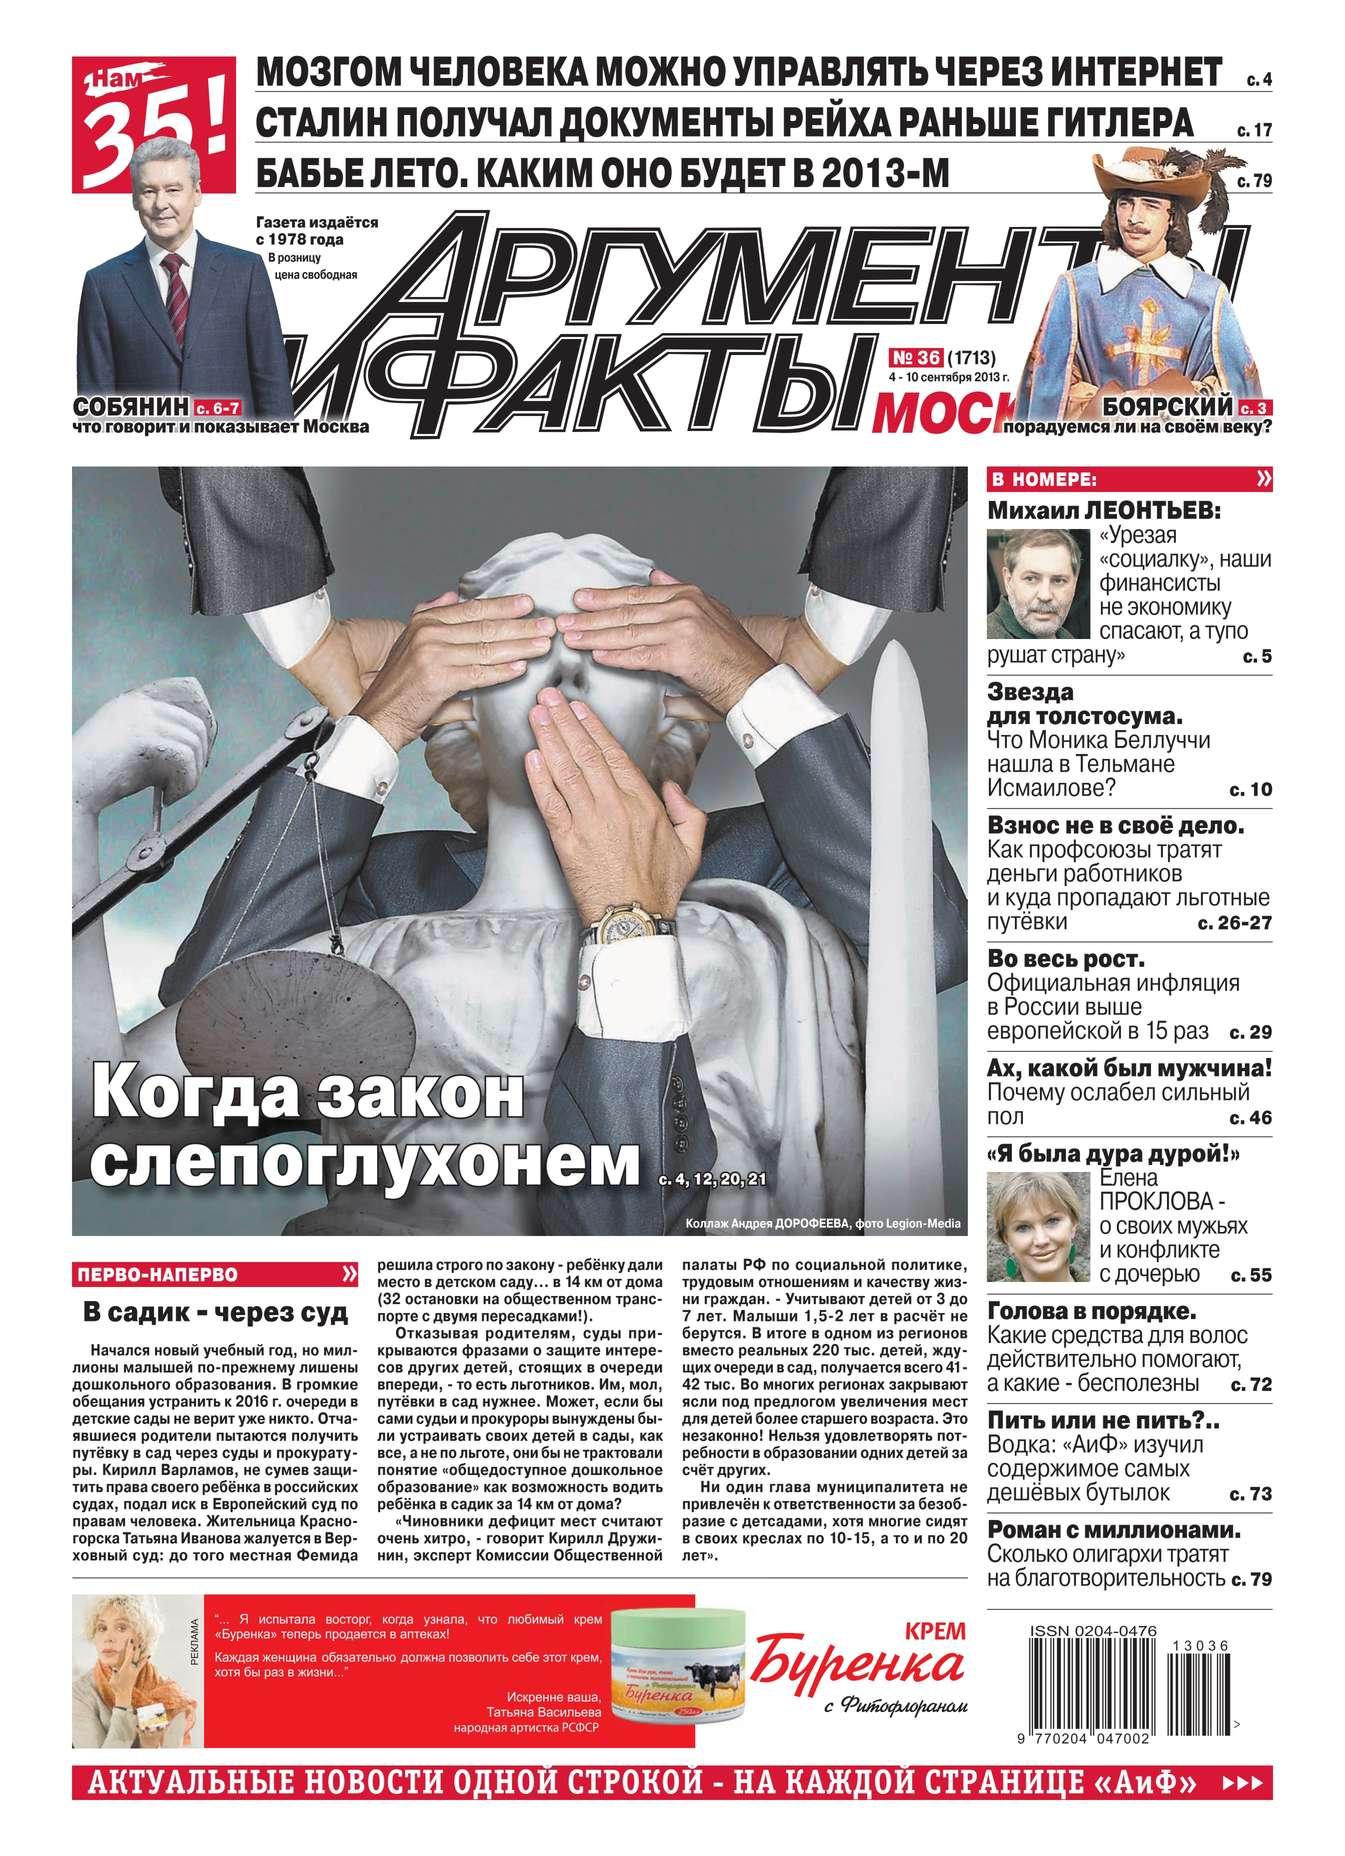 Редакция журнала Аиф. Про Кухню Аргументы и факты 36-2013